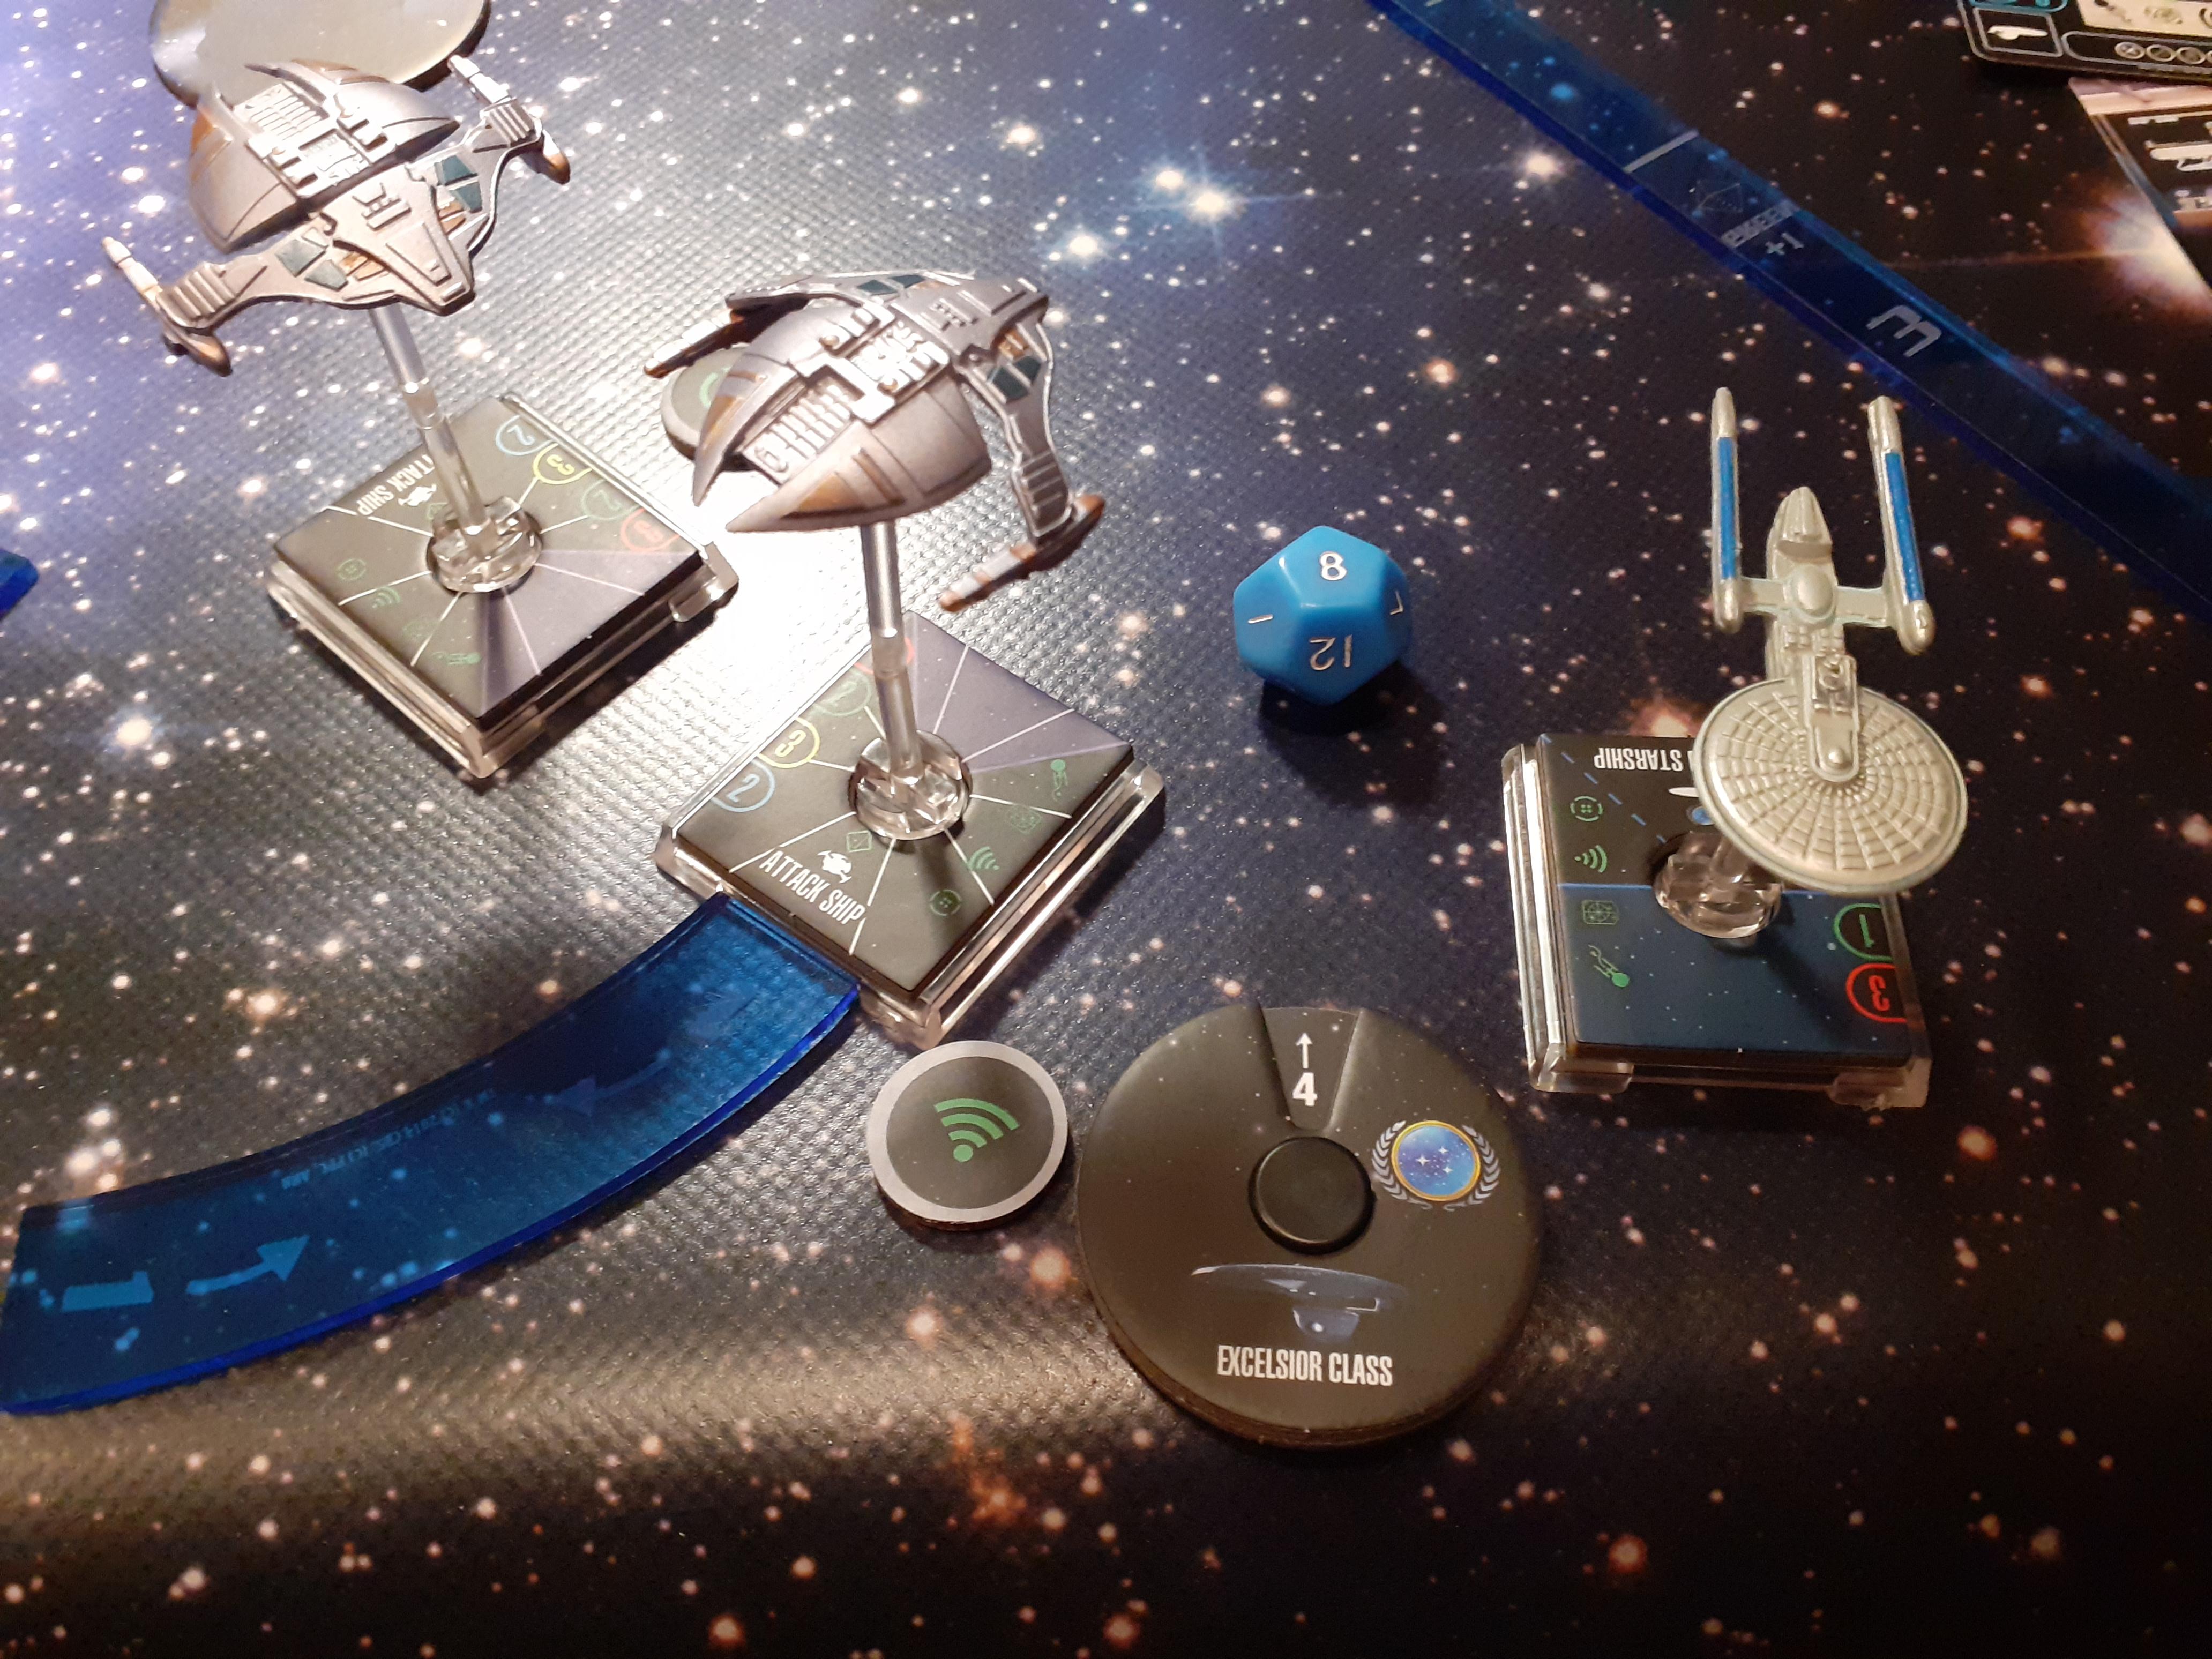 [Star Trek Alliance - Dominion War Campaign I] Computerlogbuch der Solo-Kampagne von Commander Cut  20210222_020051